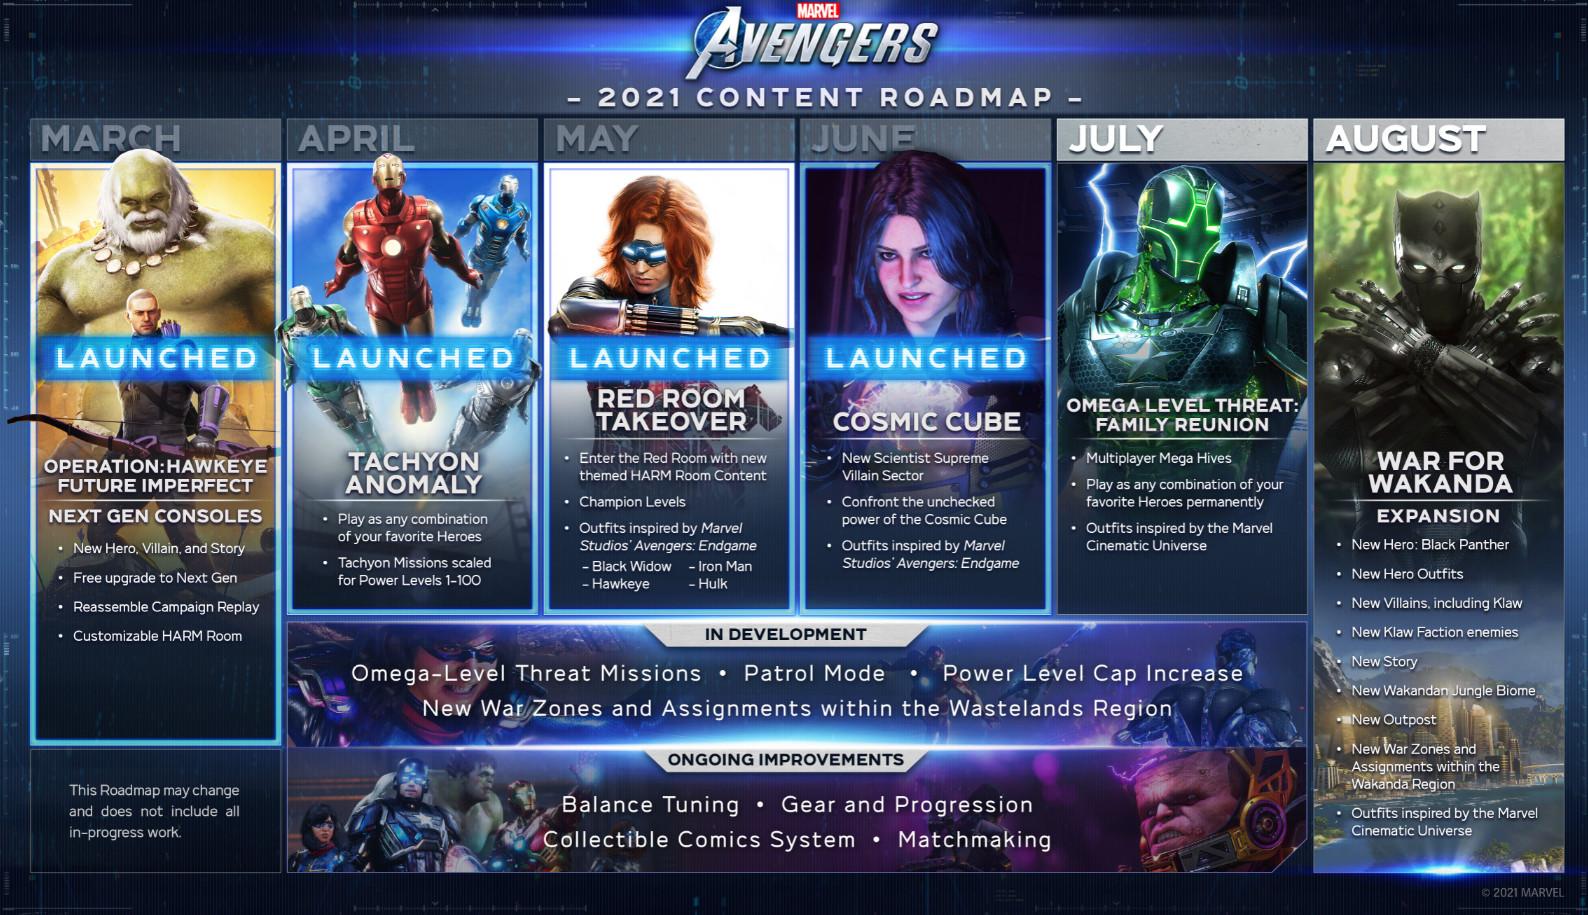 《漫威复仇者联盟》将于7月允许玩家扮演同样英雄